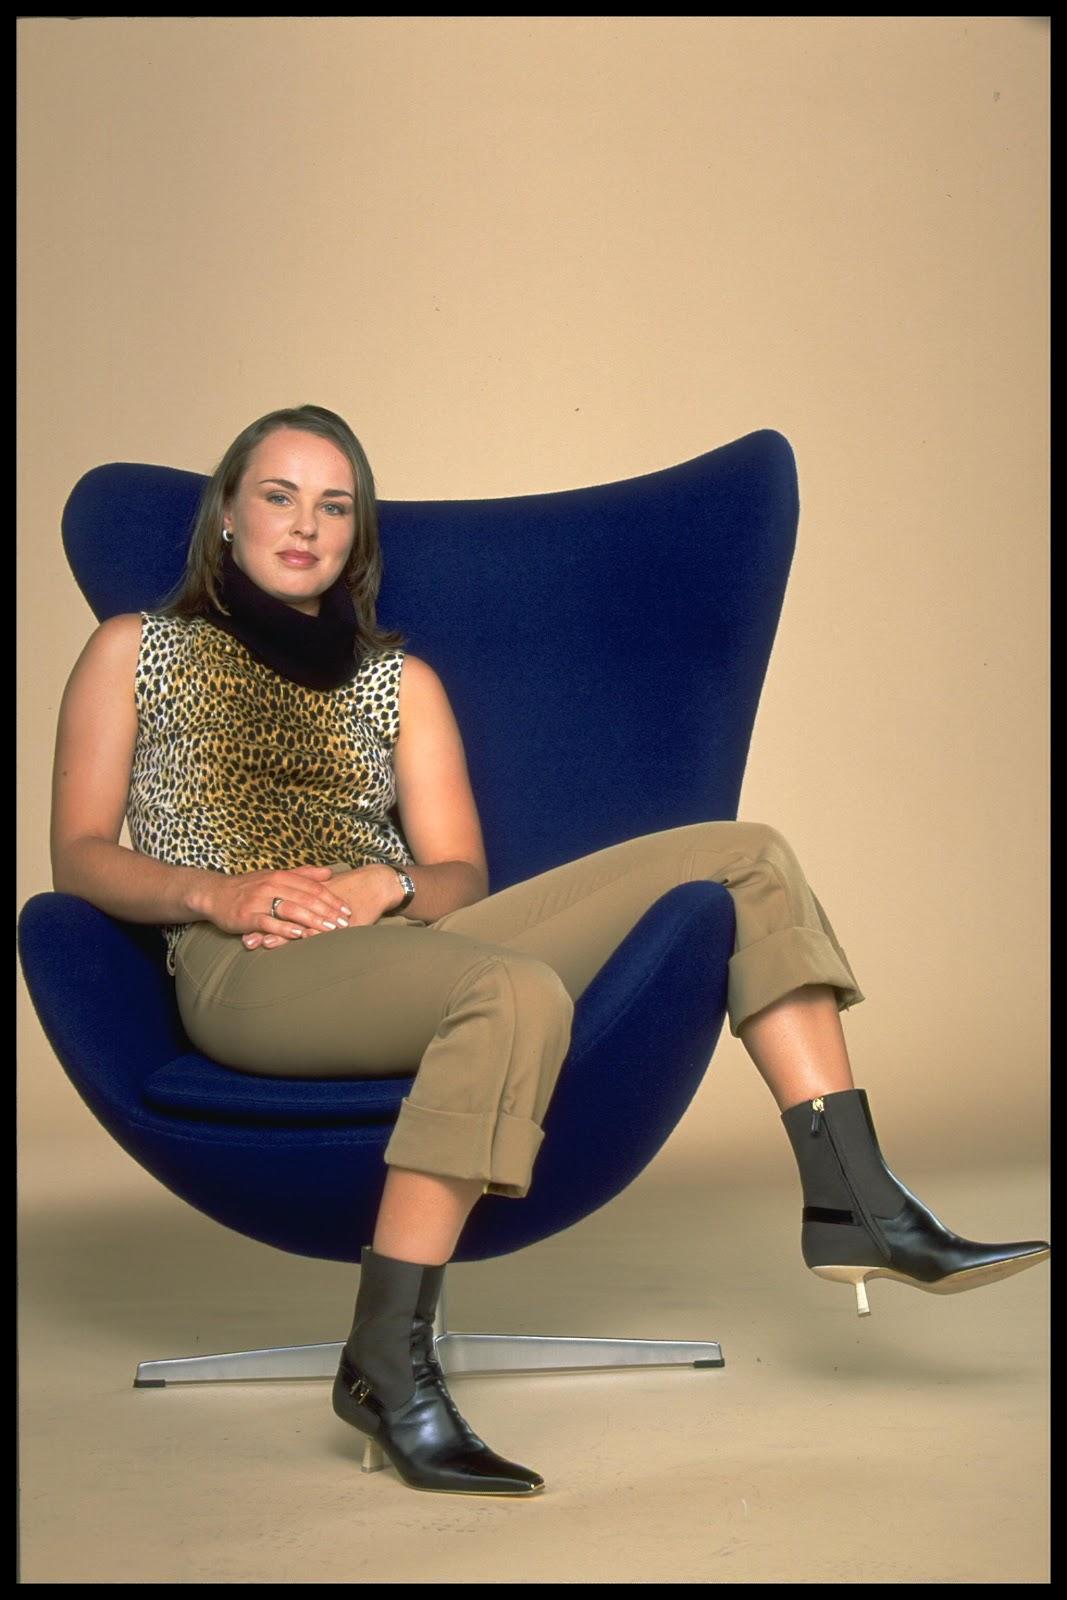 http://1.bp.blogspot.com/-dwfqnOdqYP0/UB4Qs3_65pI/AAAAAAAAD-I/yxGK_Fyr6XU/s1600/Hingis+sitting+with+ankle+boots1.jpg